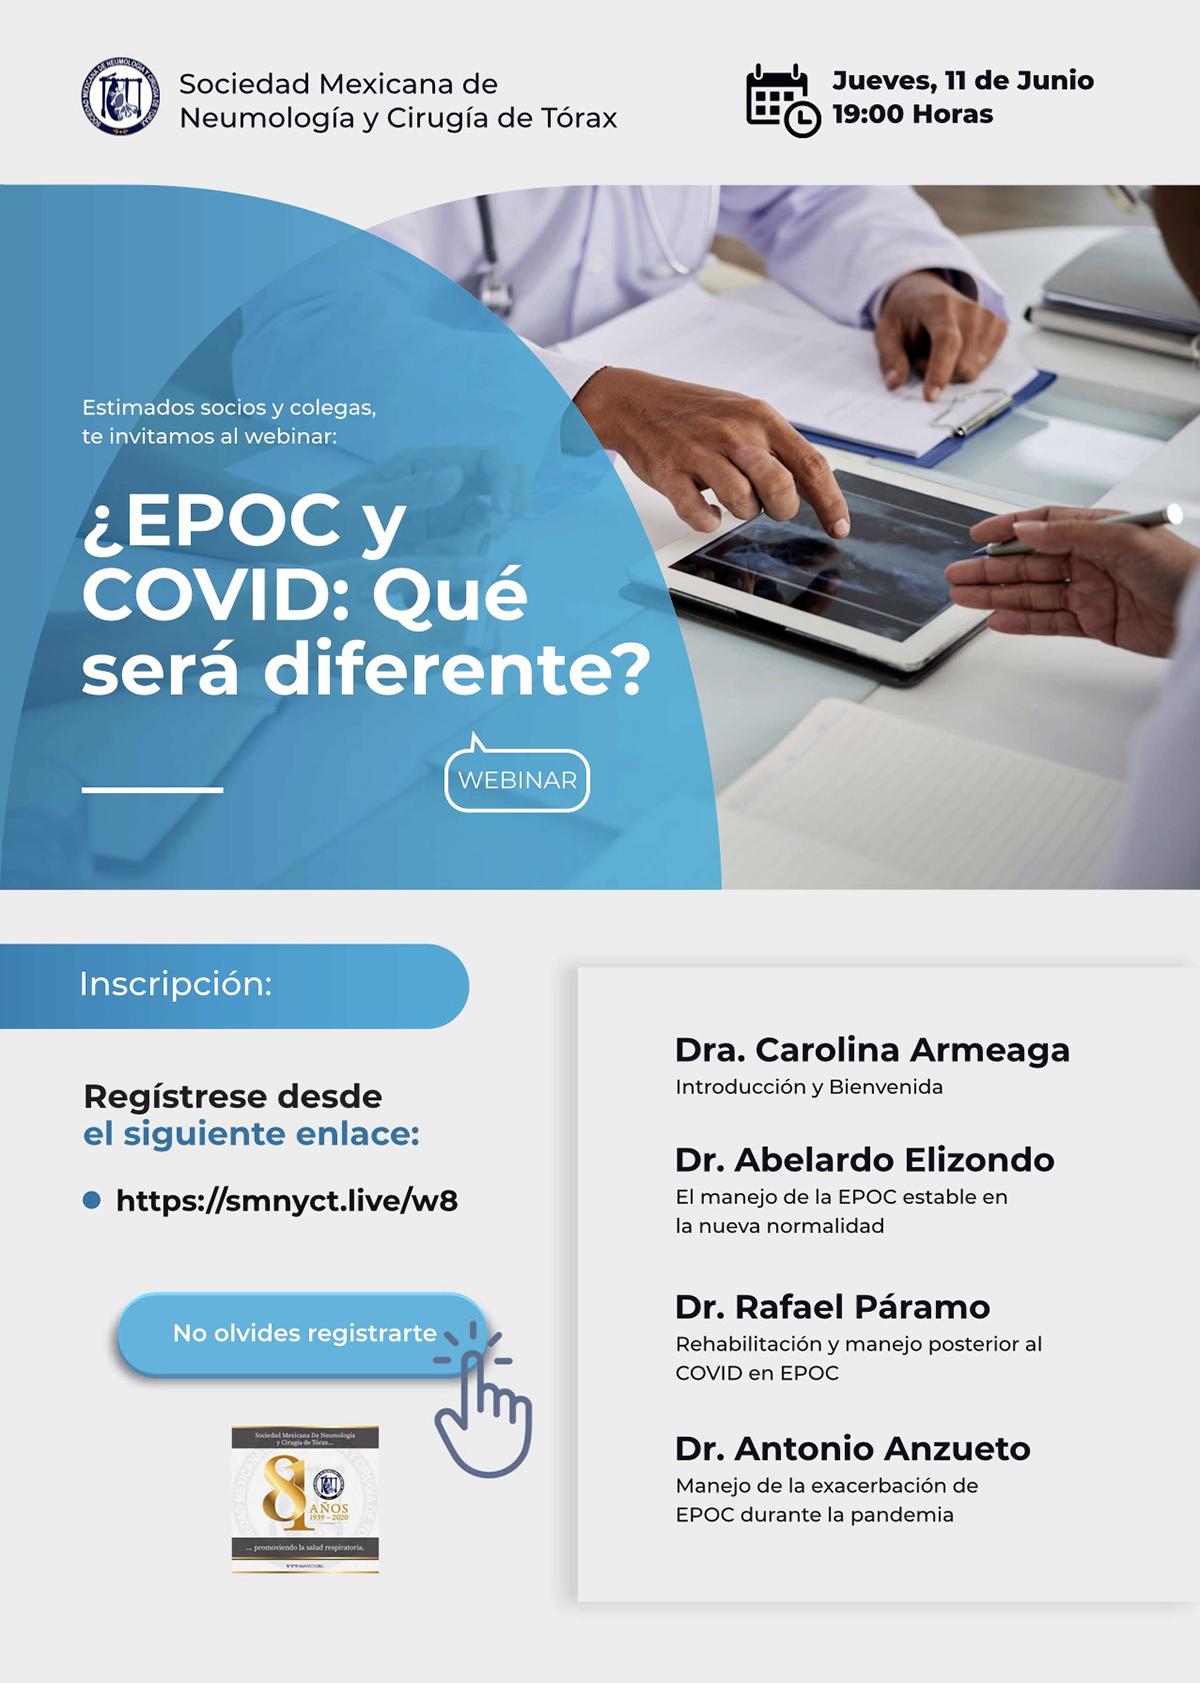 Webinar EPOC y COVID: ¿Qué será diferente?